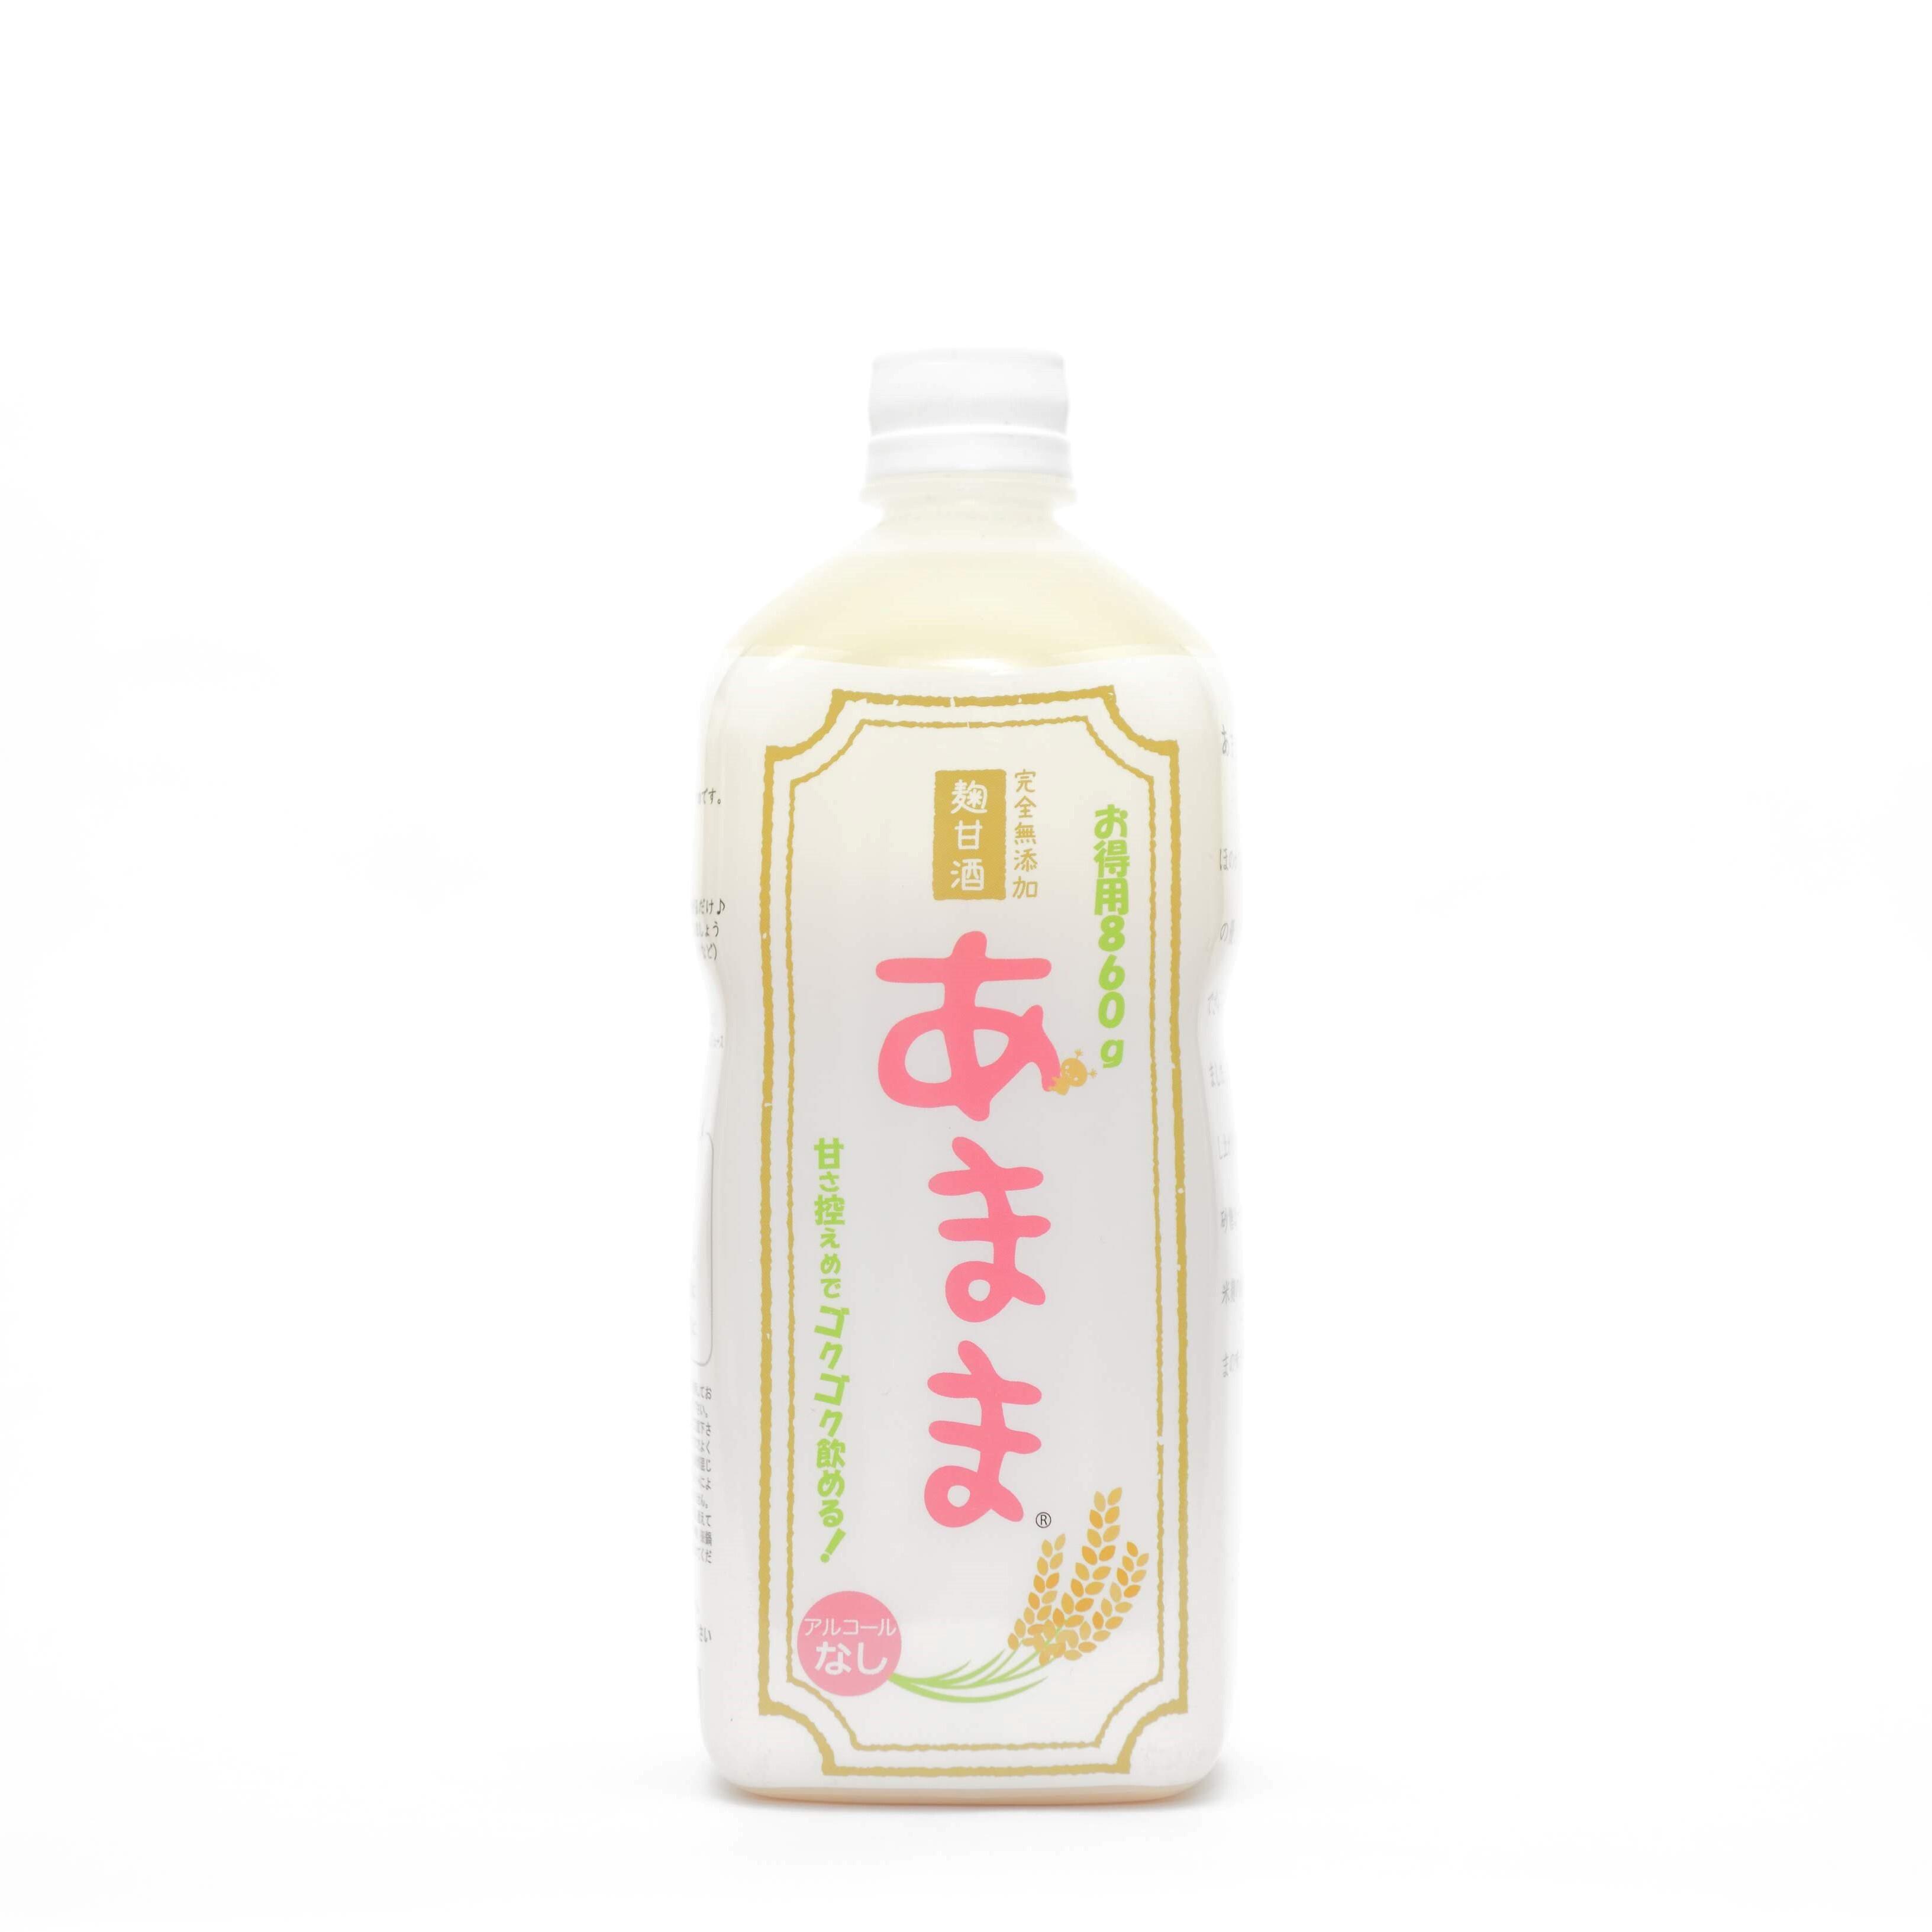 米麹甘酒あまま(Bタイプ)6本セット